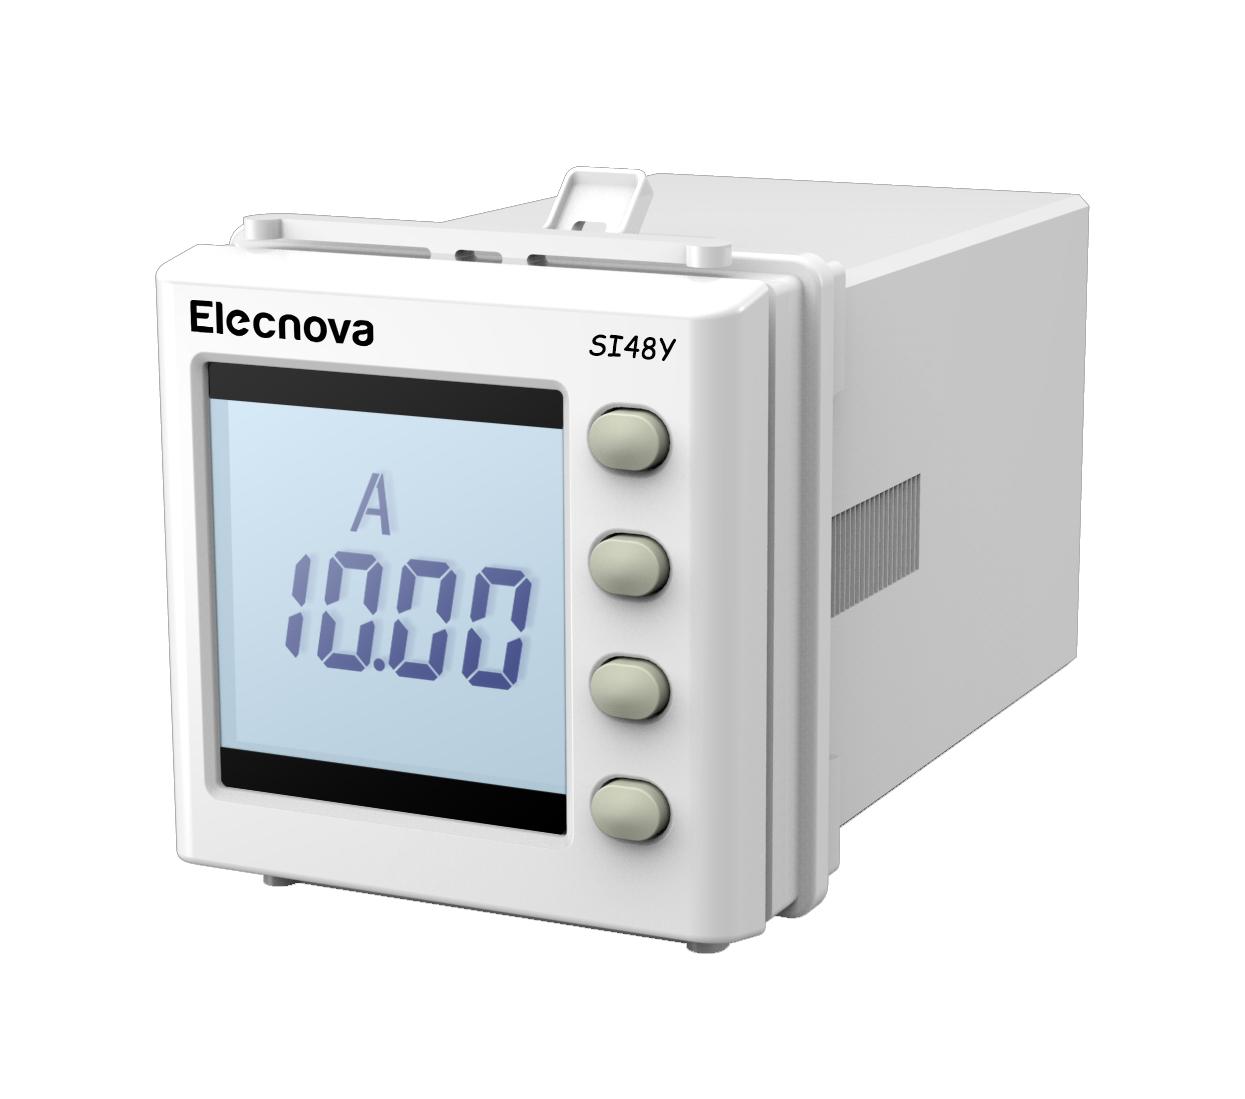 SI48Y Digital power meter in USA